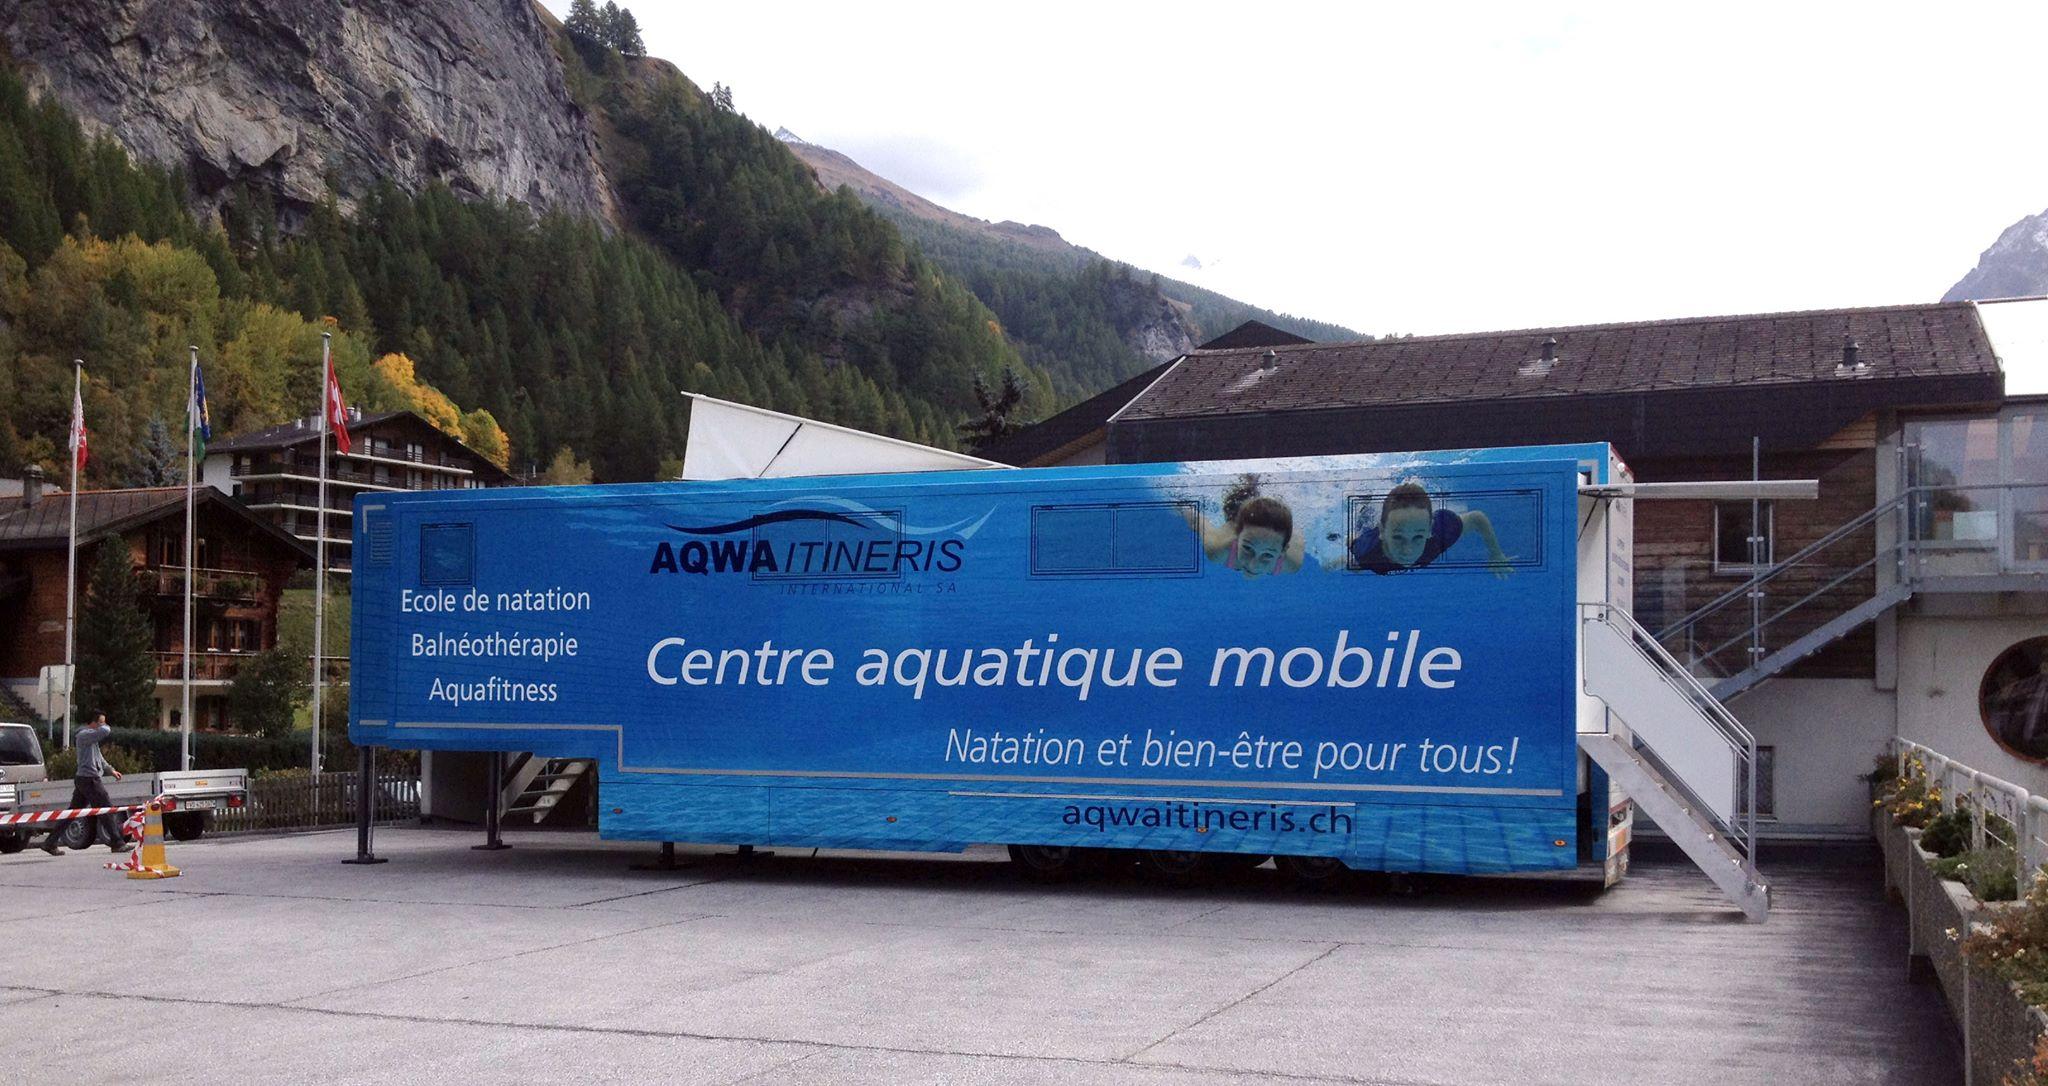 Piscine itin rante evol ne cours de natation enfants for Piscine mobile louer